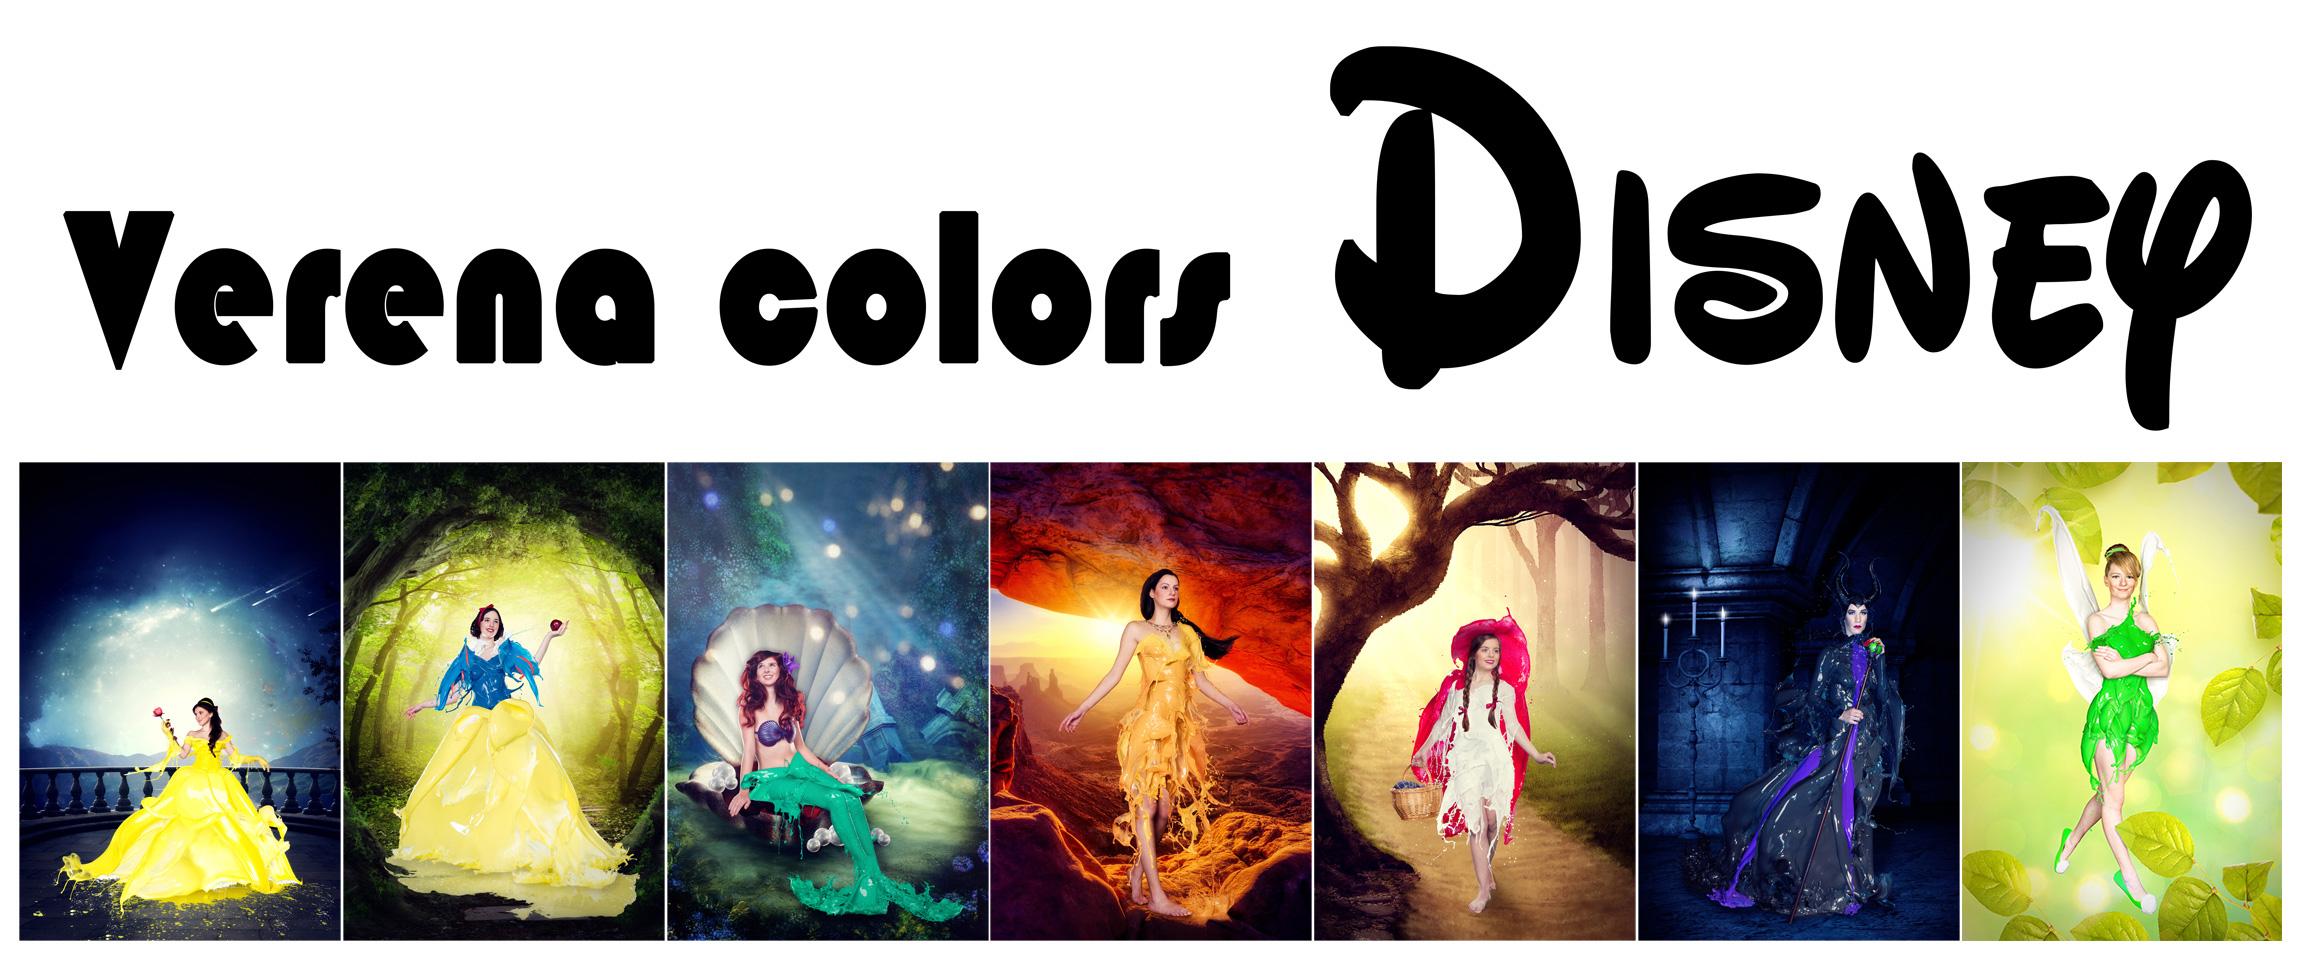 Color Splash Project of Verena Schaefer Germany